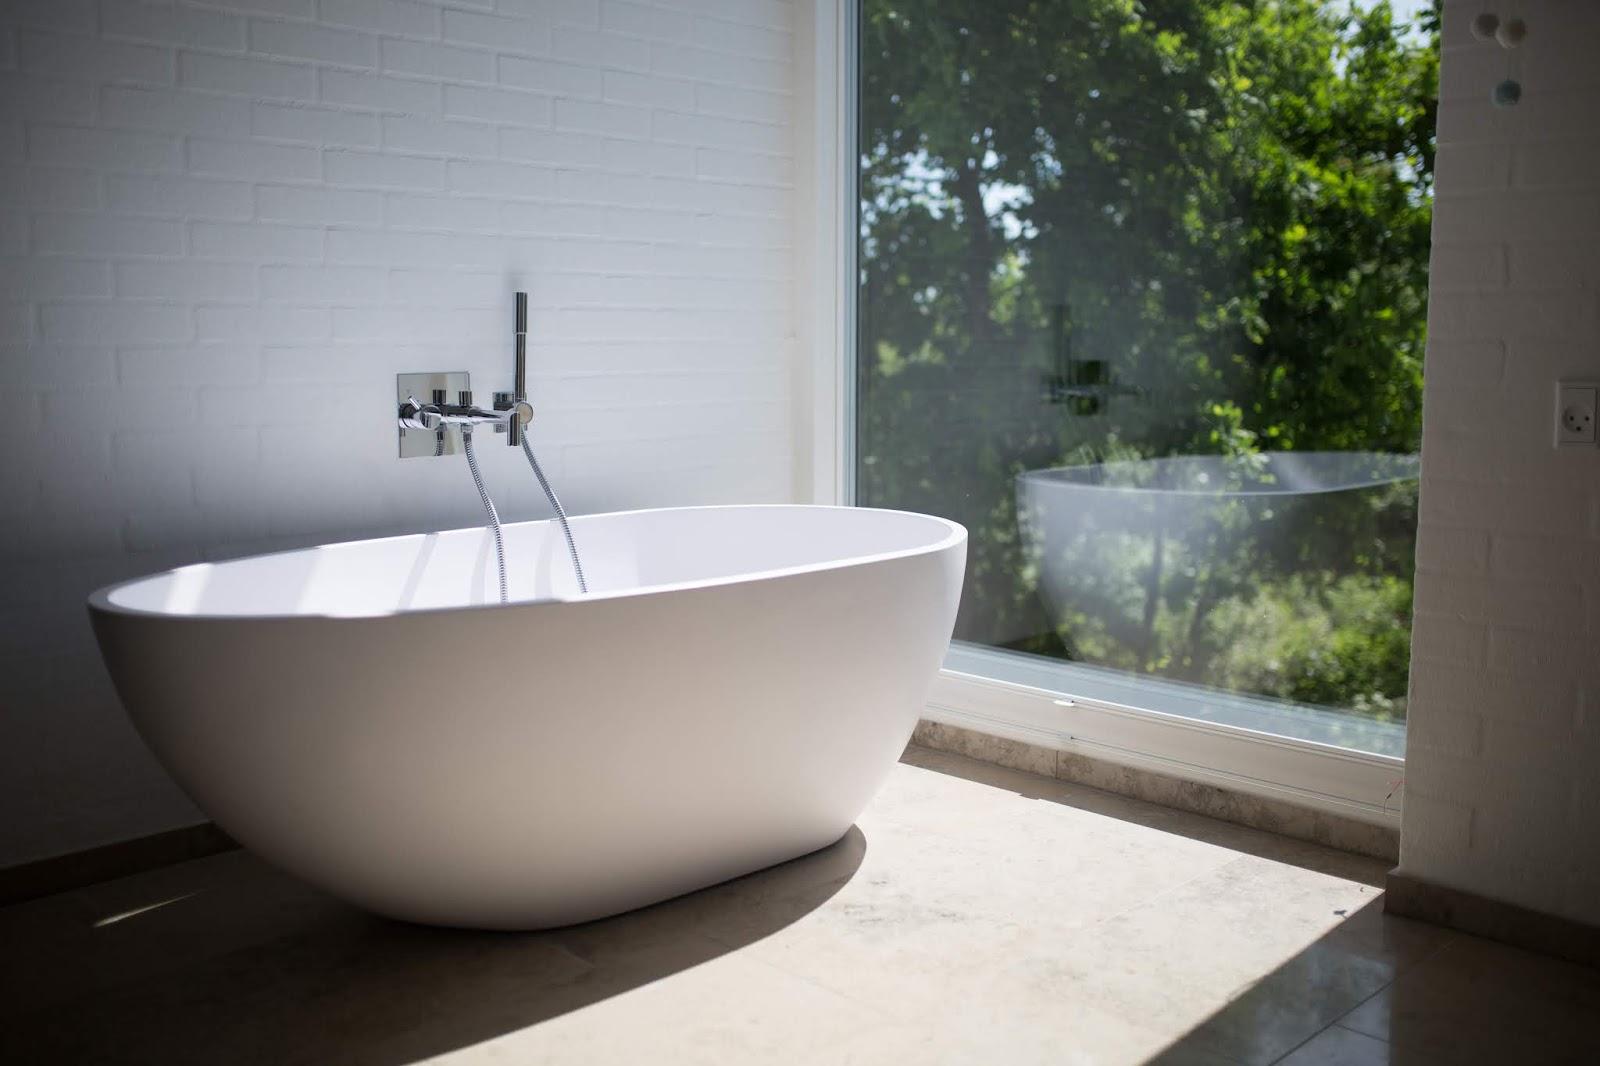 Inspiracje mieszkaniowe - łazienka, czyli najtrudniejsze pomieszczenie do zaprojektowania | styl klasyczny, nowoczesny, skandynawski